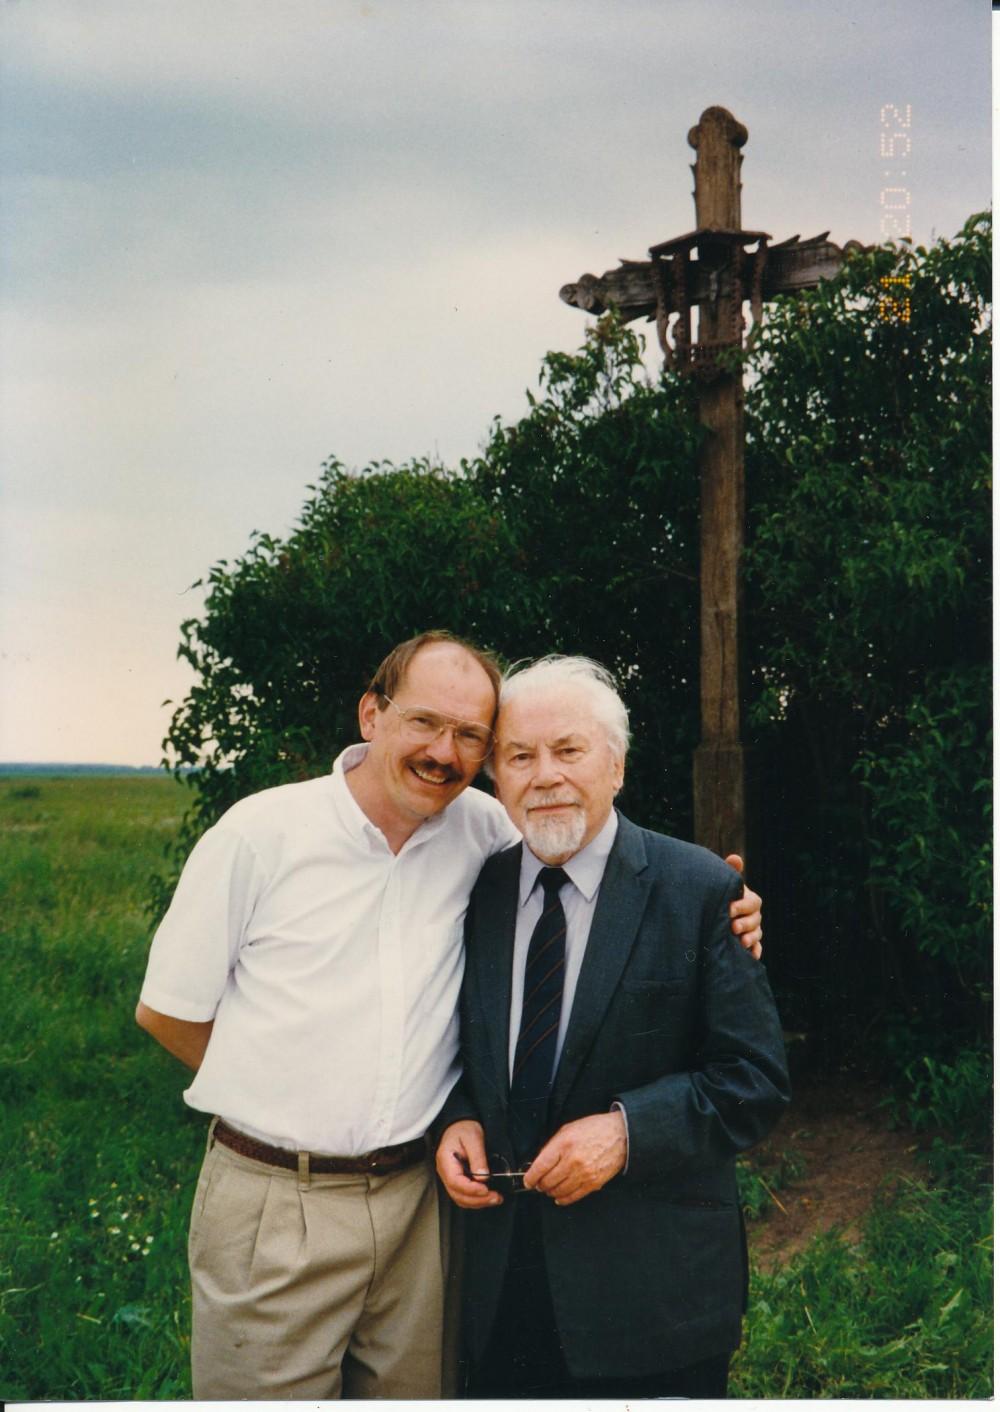 Su sūnumi Jurgiu tėviškėje, Alvite. Apie 2004 m.